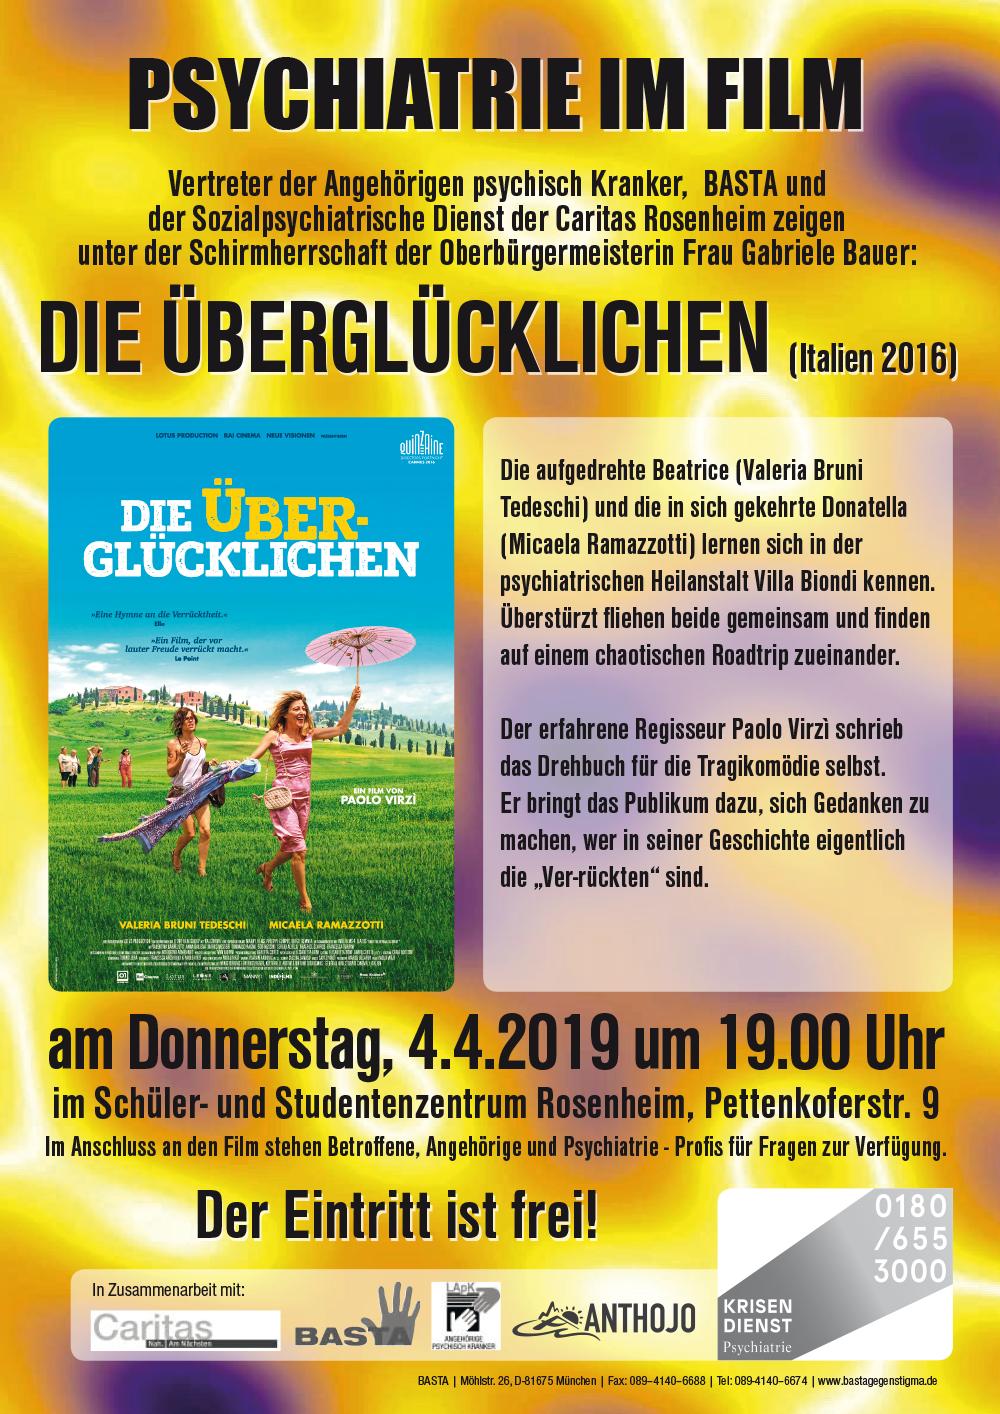 """Plakat fü die BASTA-Filmvorführung """"Die Überglücklichen"""" in Rosemnheim am 4.4. 20198"""